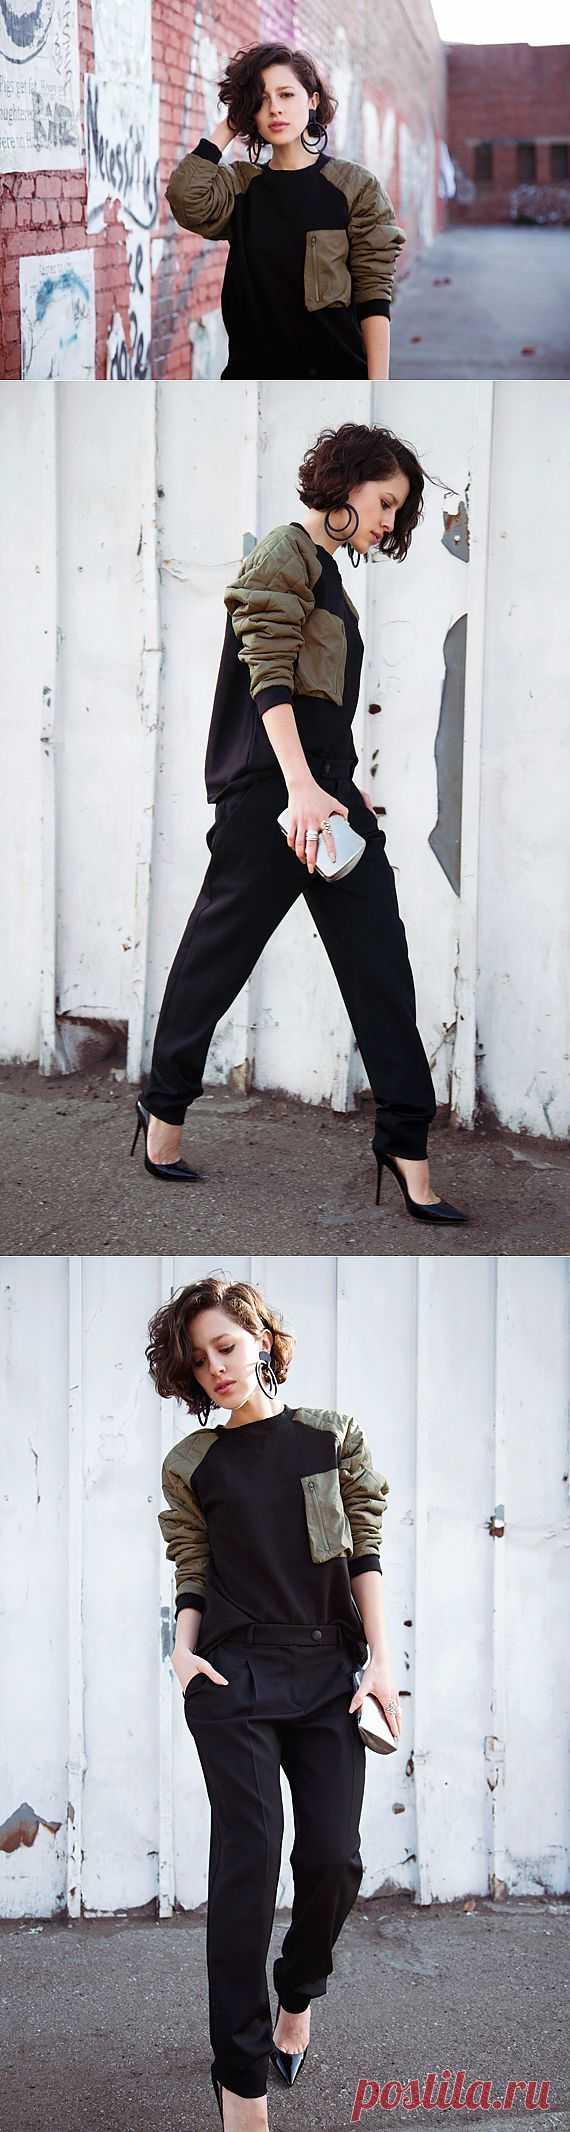 Толстовка со стегаными рукавами / Свитер / Модный сайт о стильной переделке одежды и интерьера